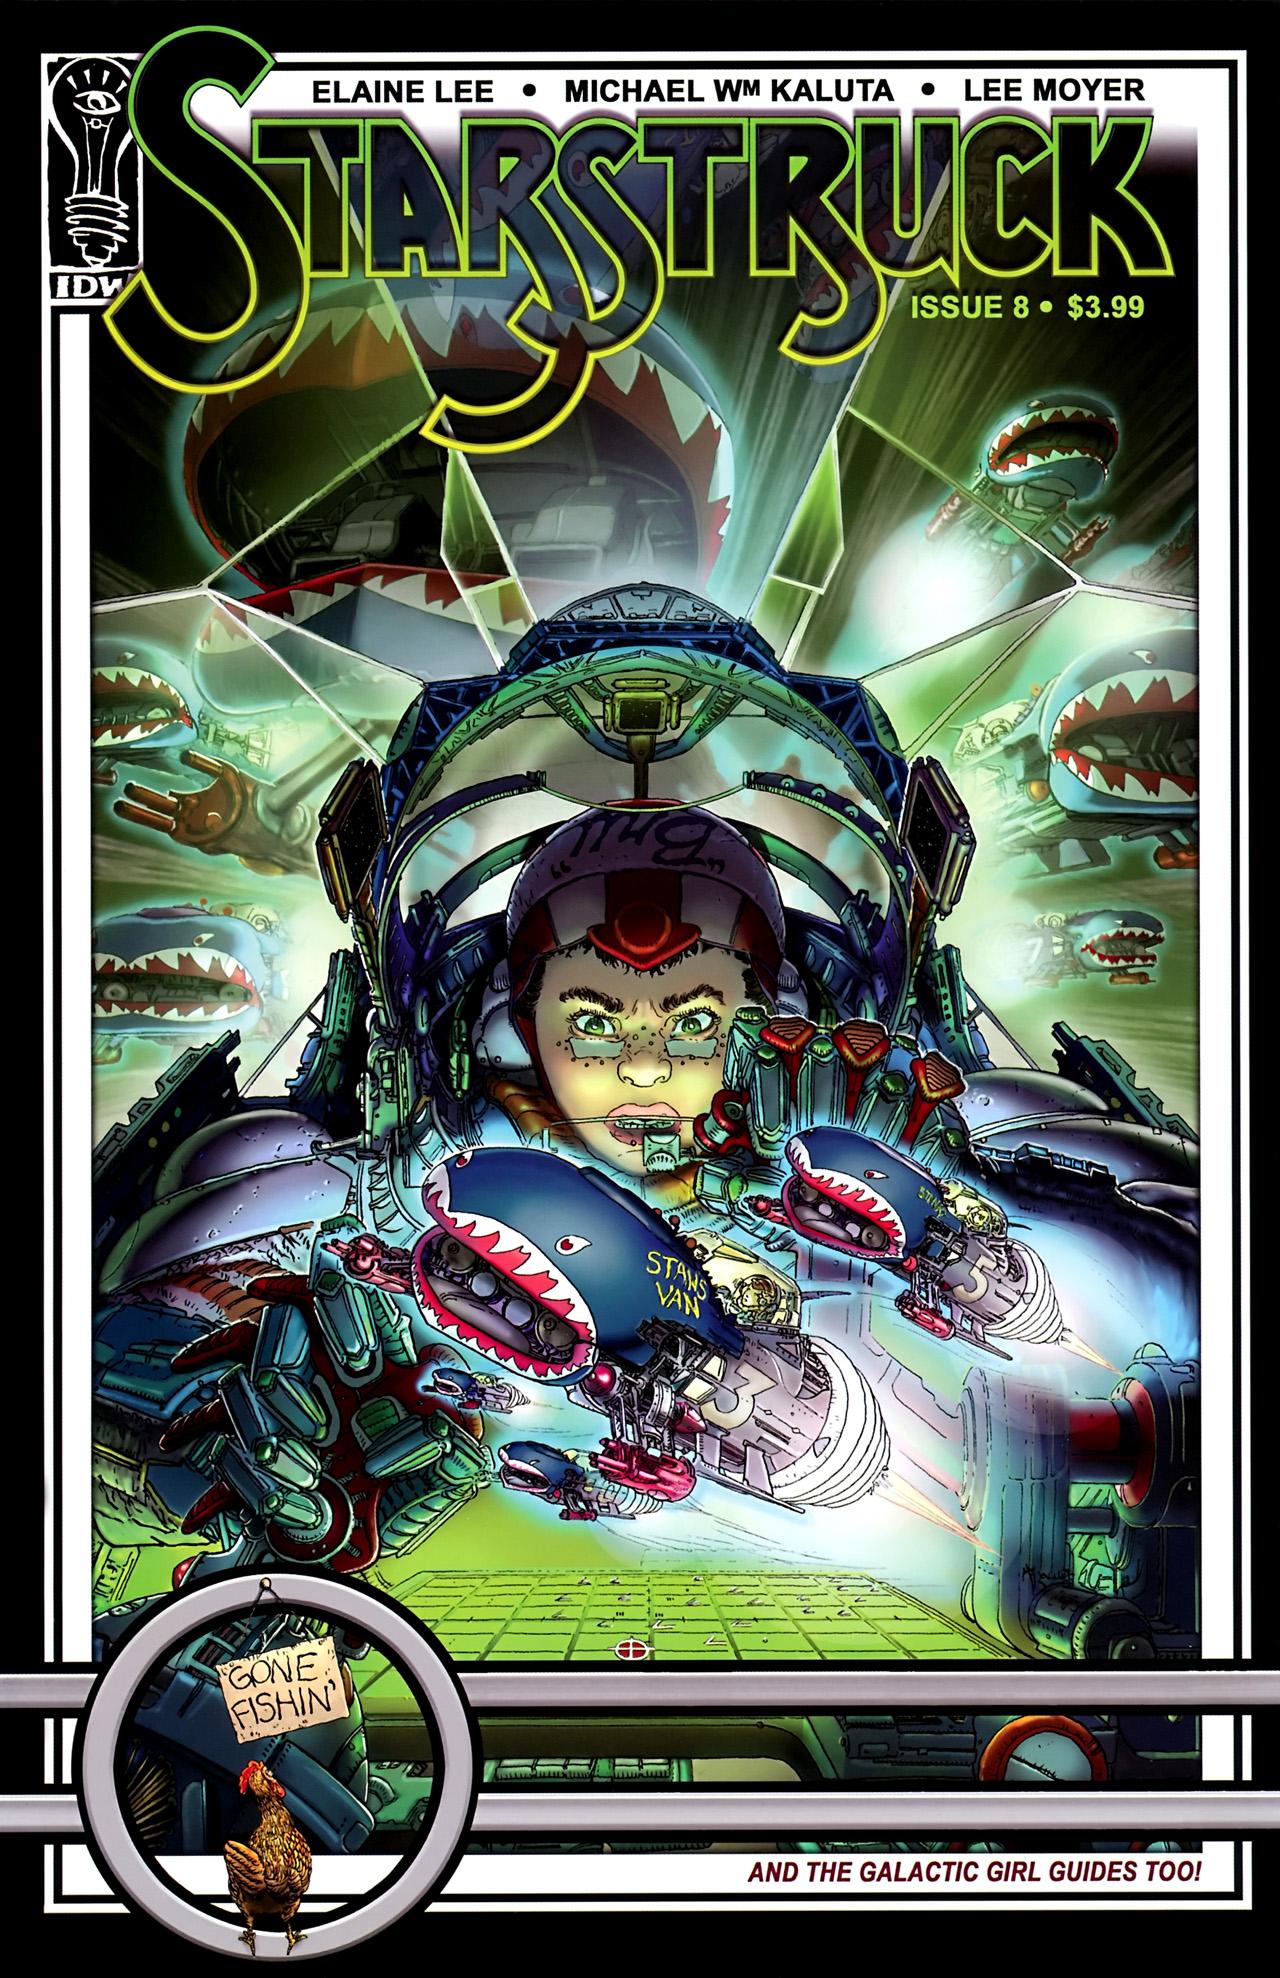 Starstruck 8 - cover